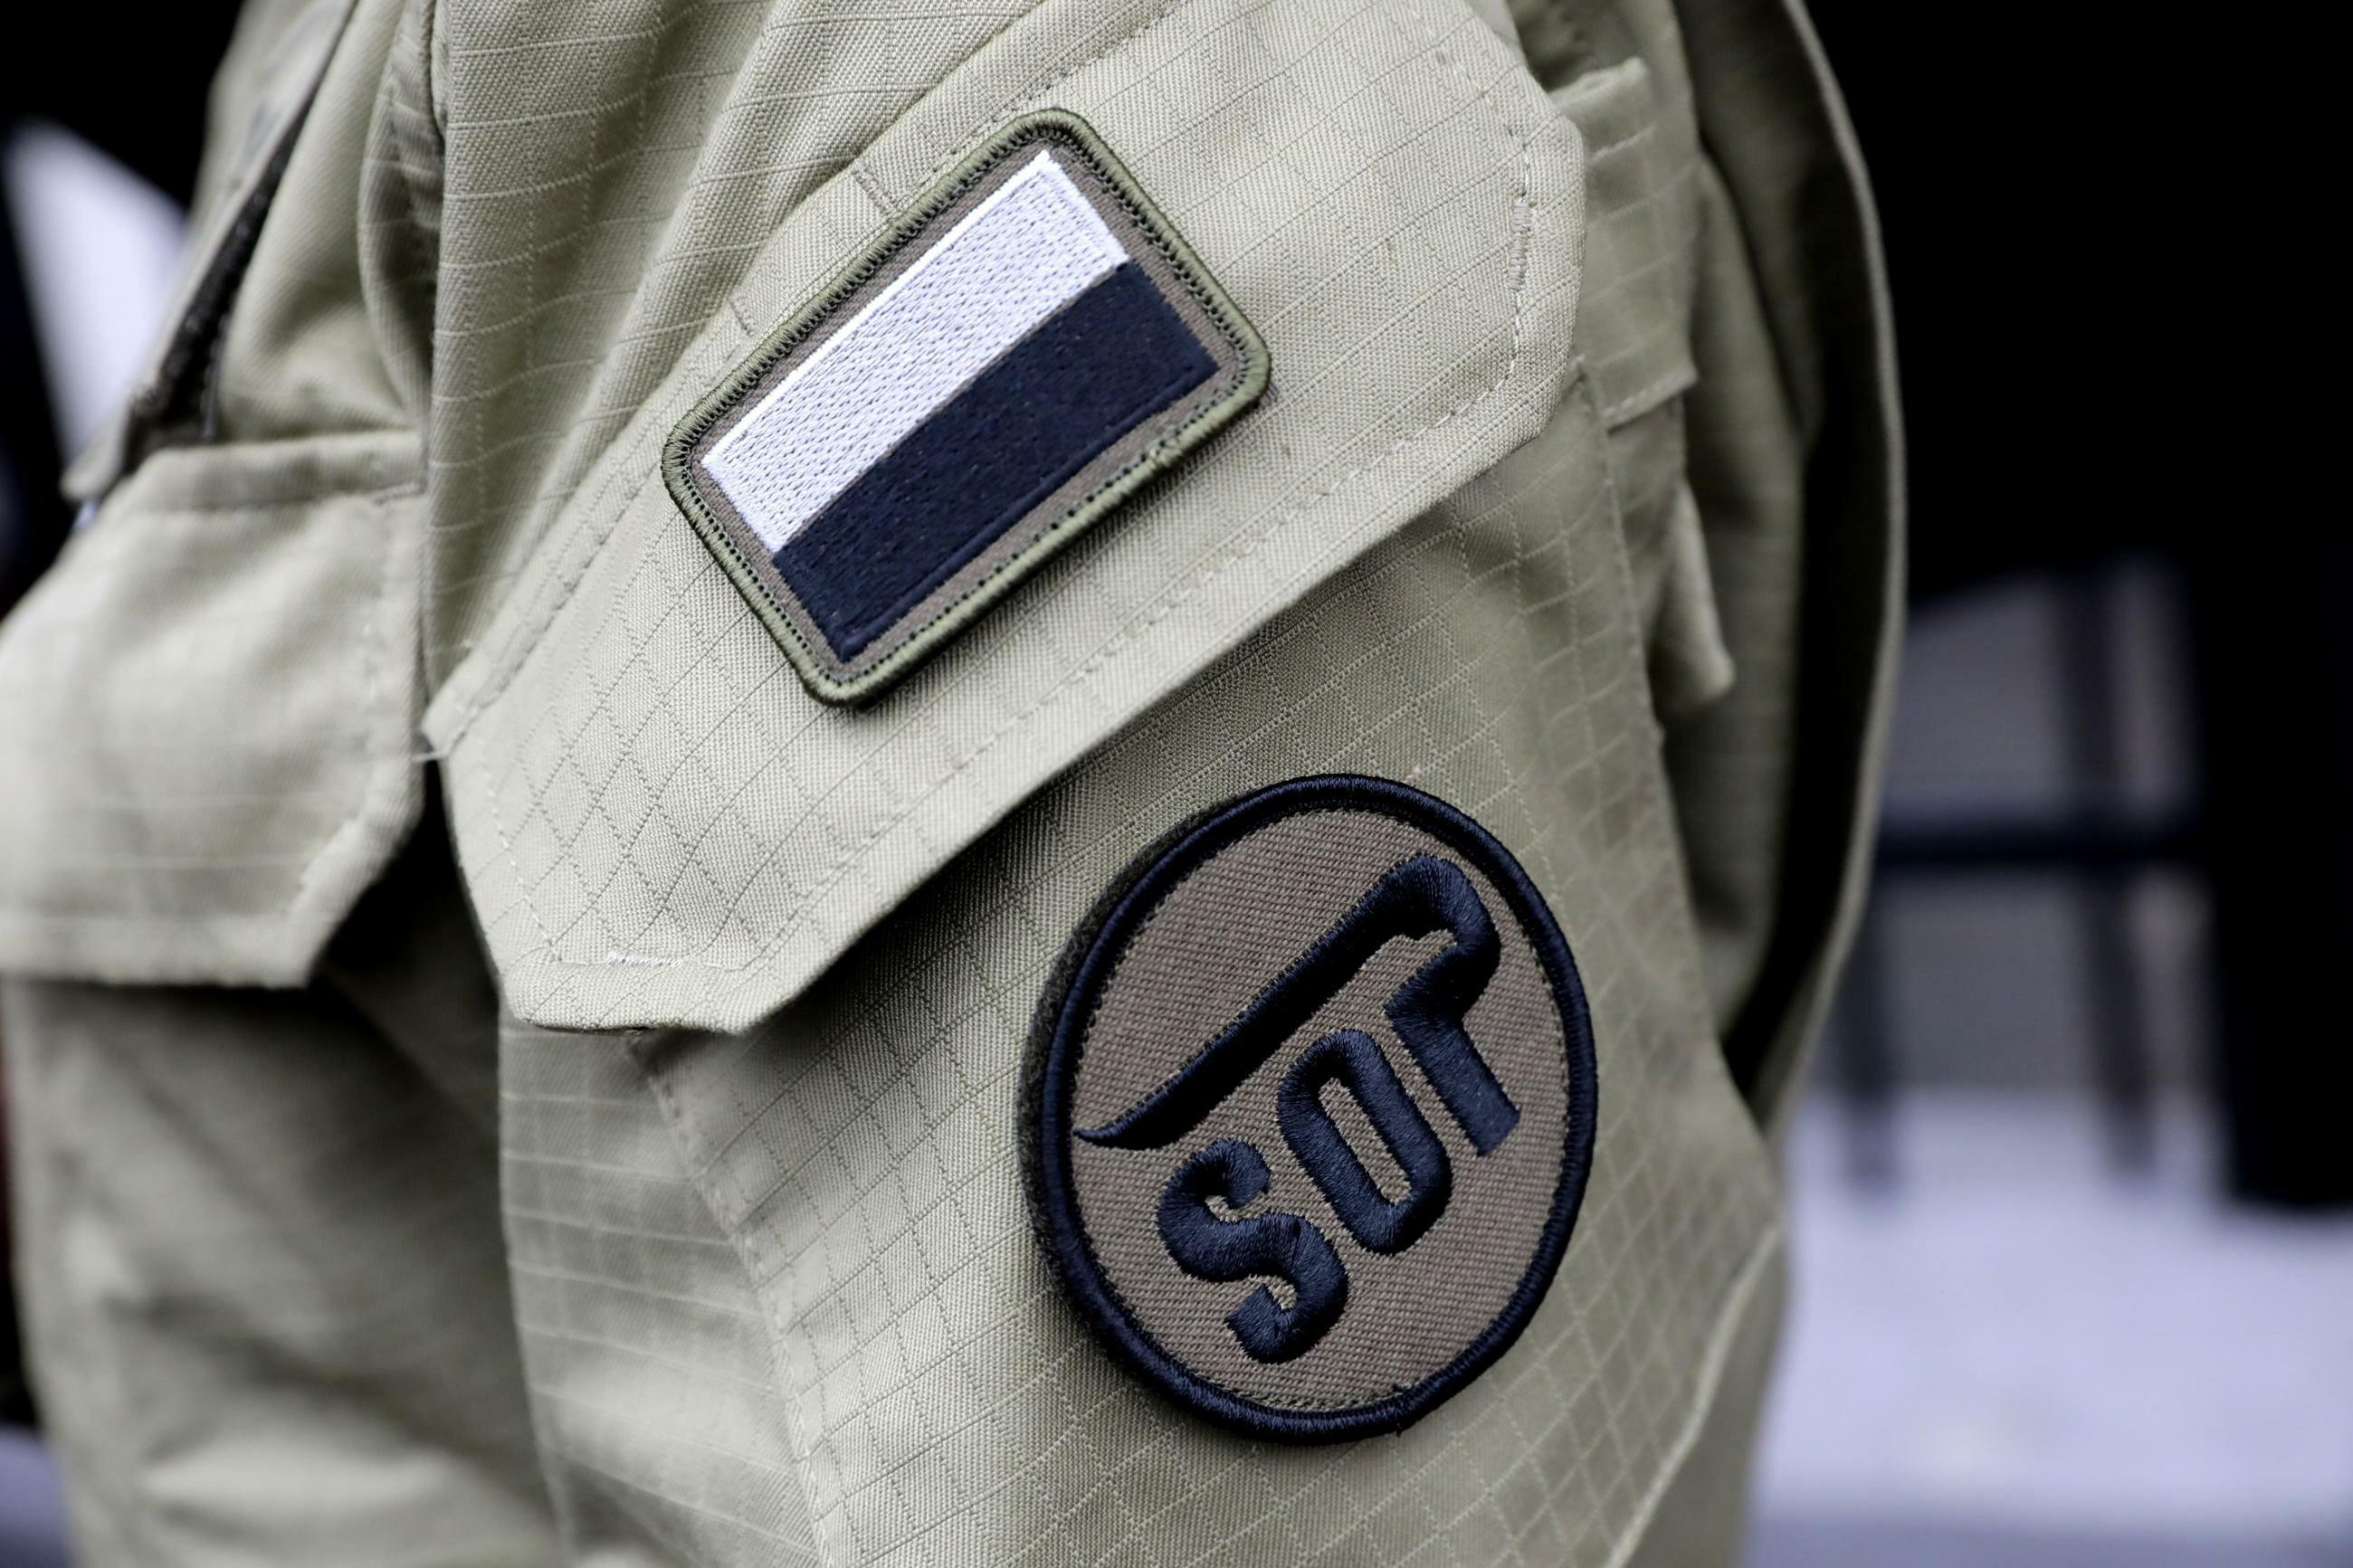 Funkcjonariusz i logo Służby Ochrony Państwa